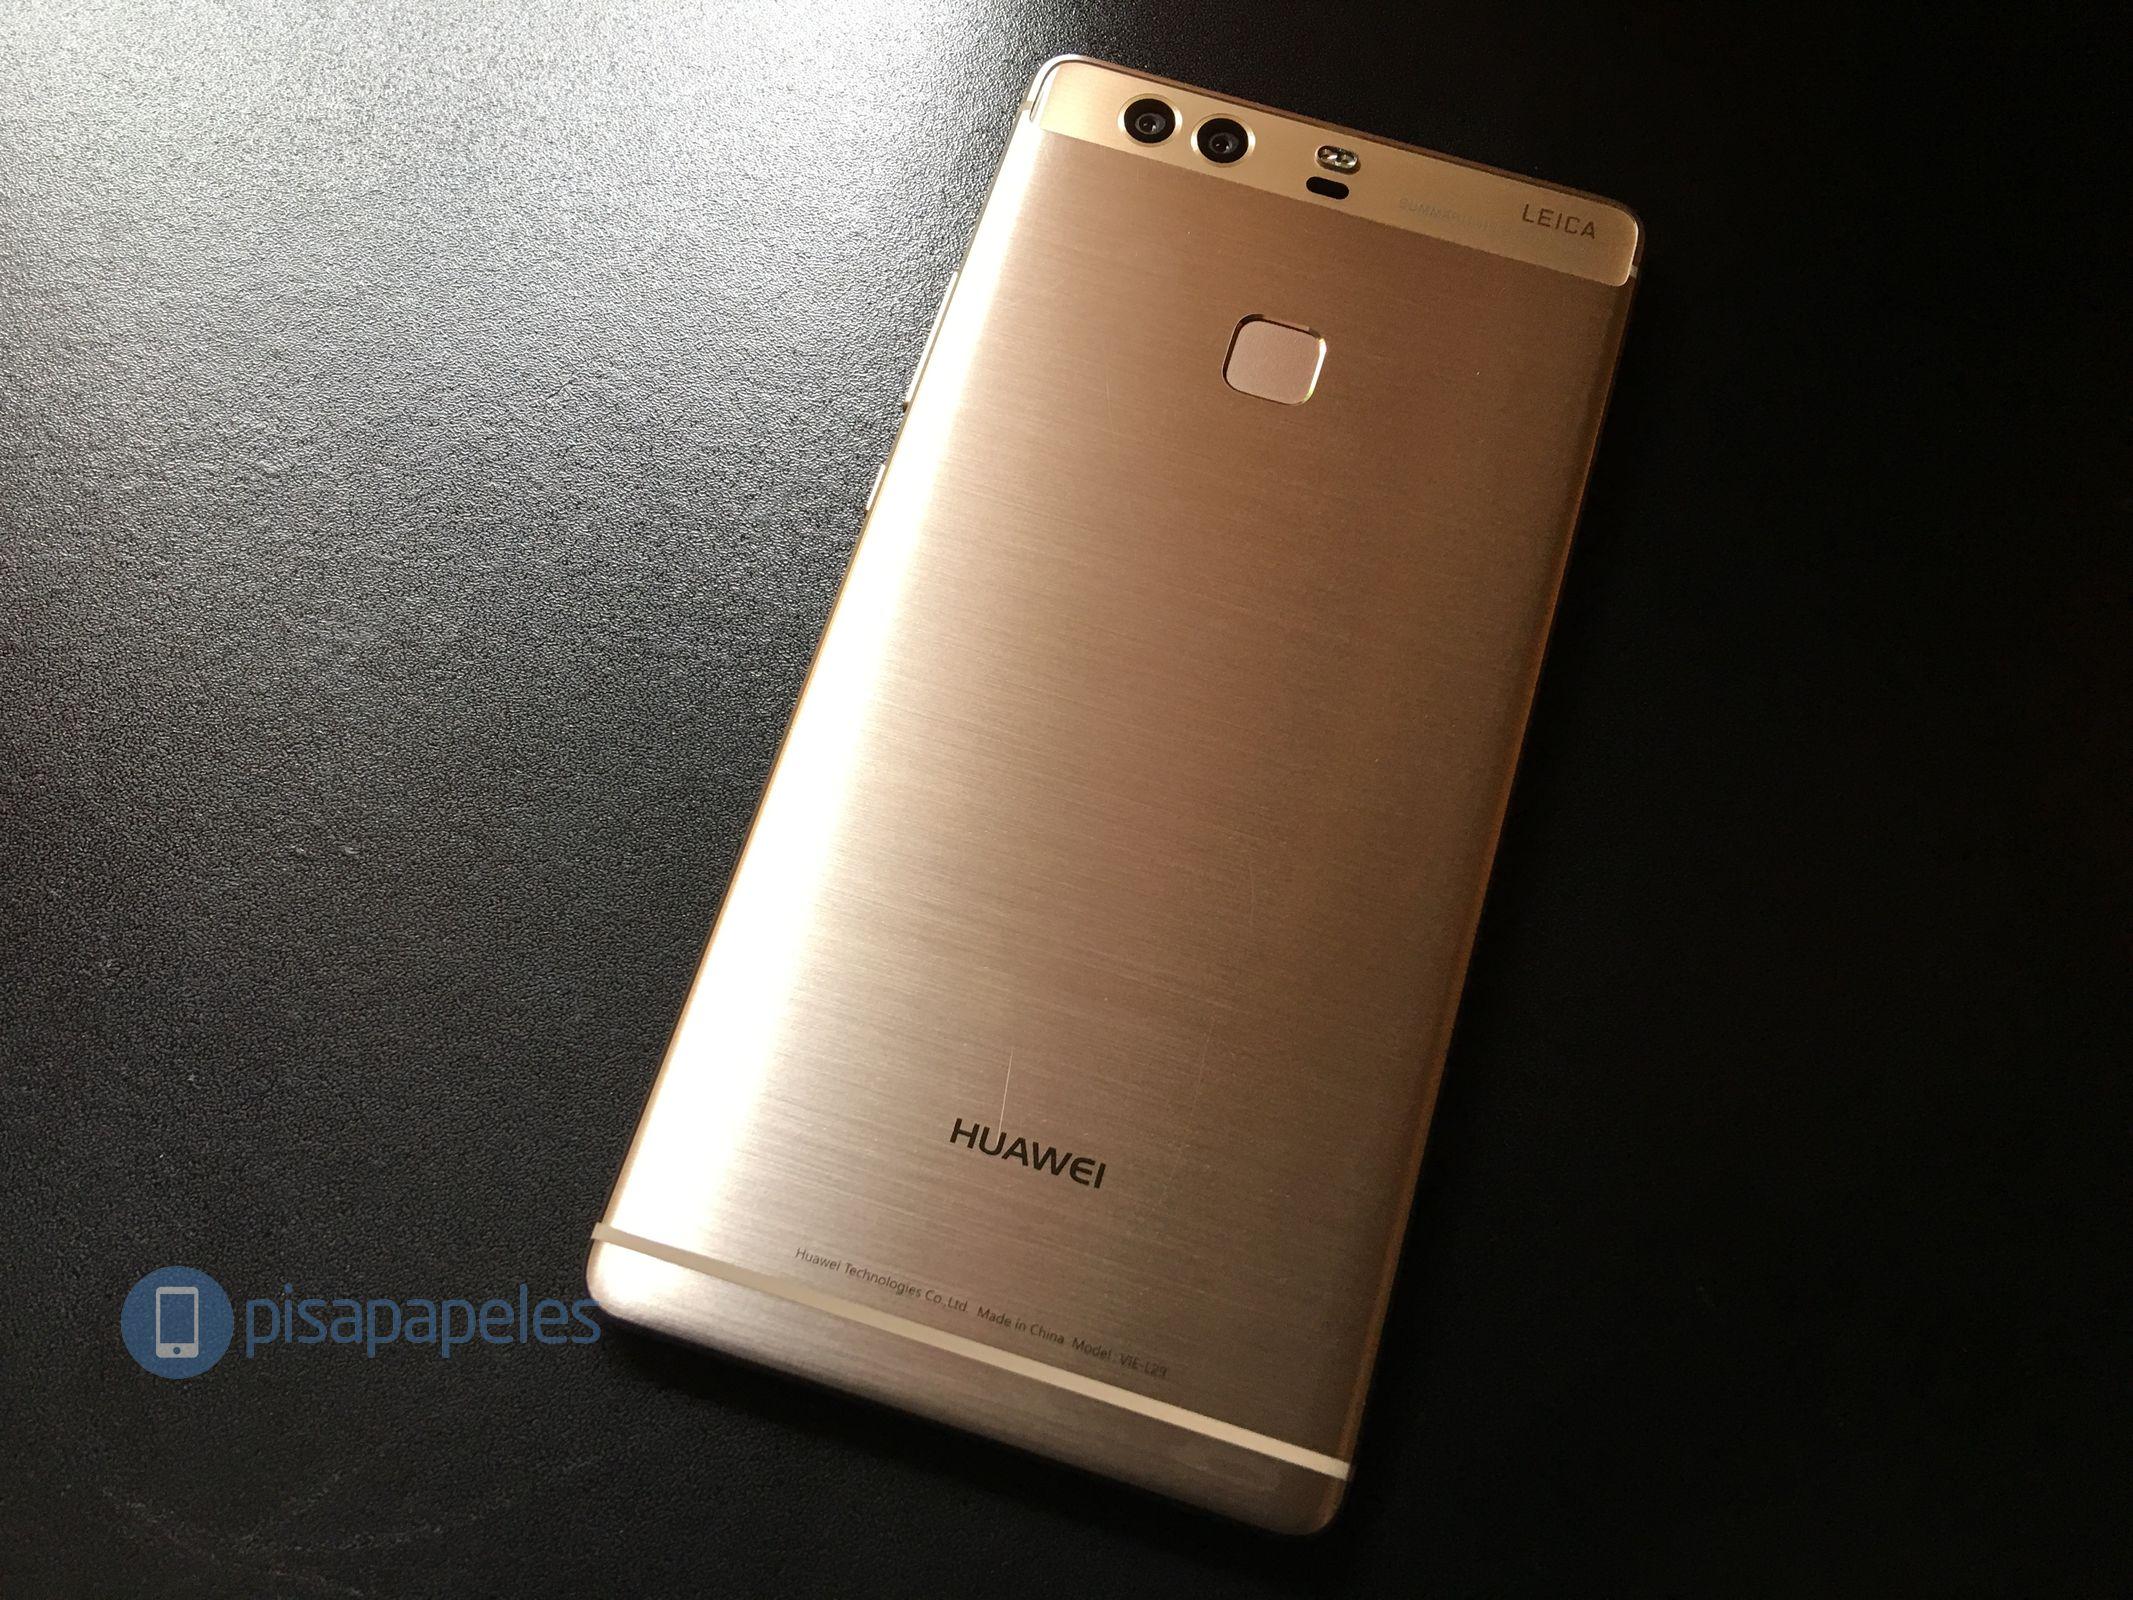 Huawei-P9-плюс-папье-net_16